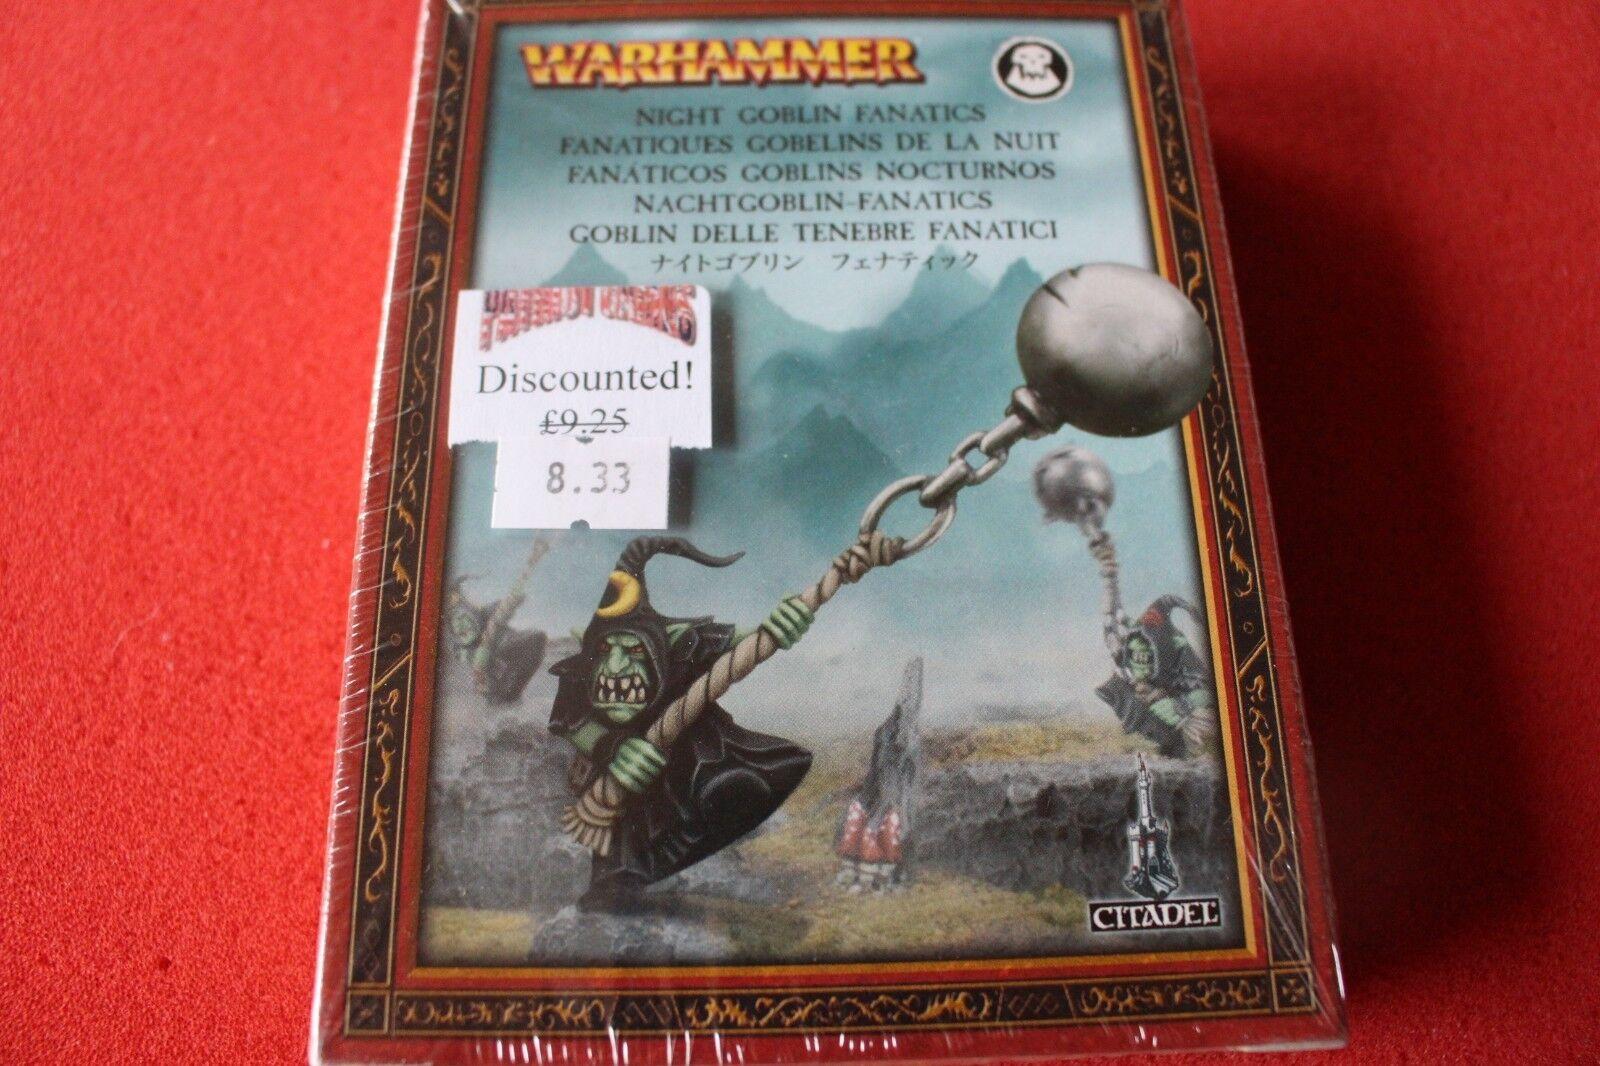 Games Workshop Warhammer Orcs and Goblins Gred Fanatics Night Goblin OOP BNIB GW